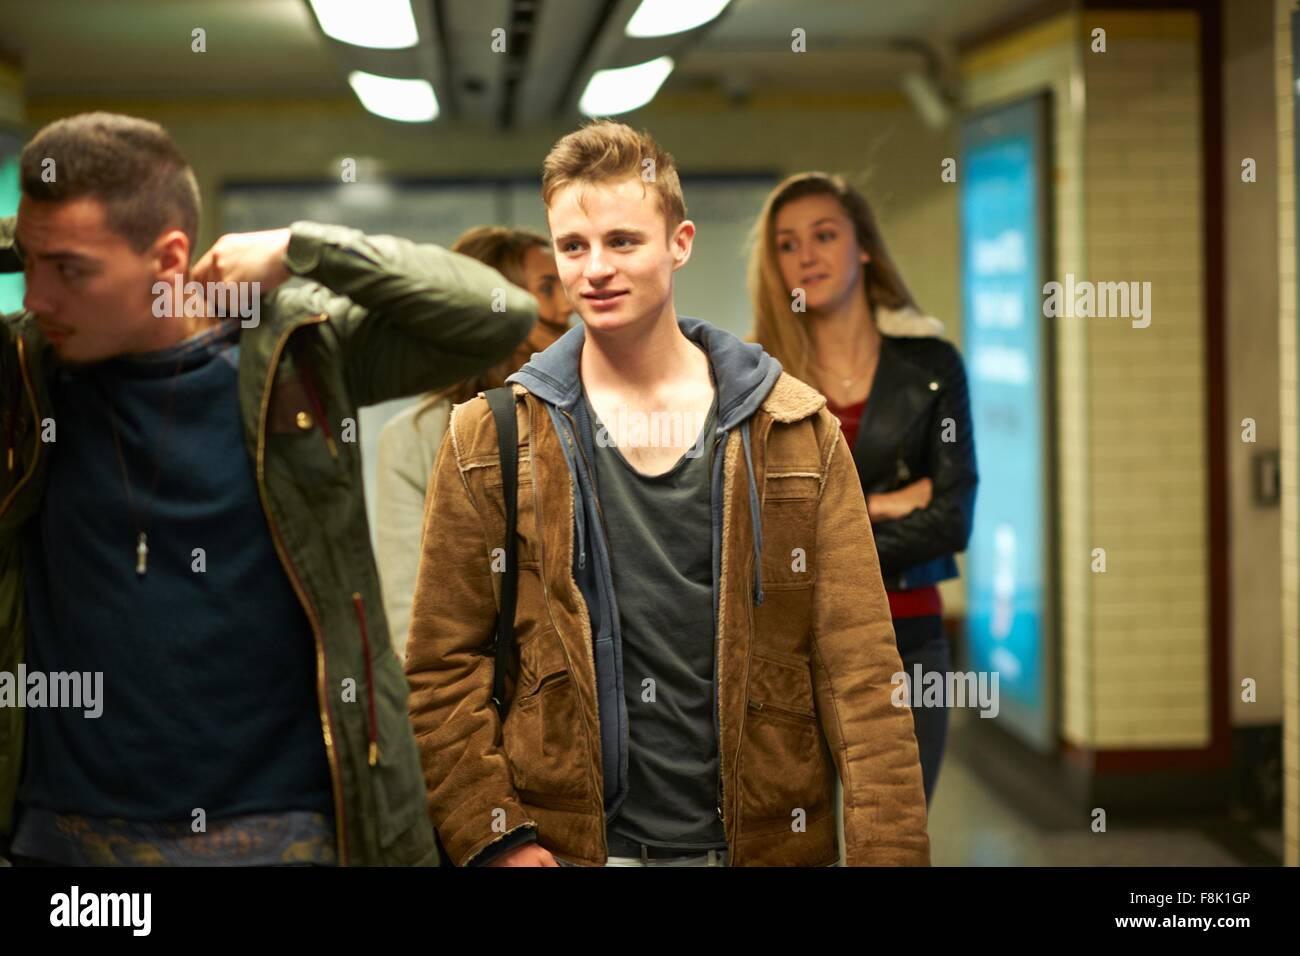 Quatro adultos jovens amigos a pé através da estação de metro de London, Londres, Reino Unido Imagens de Stock